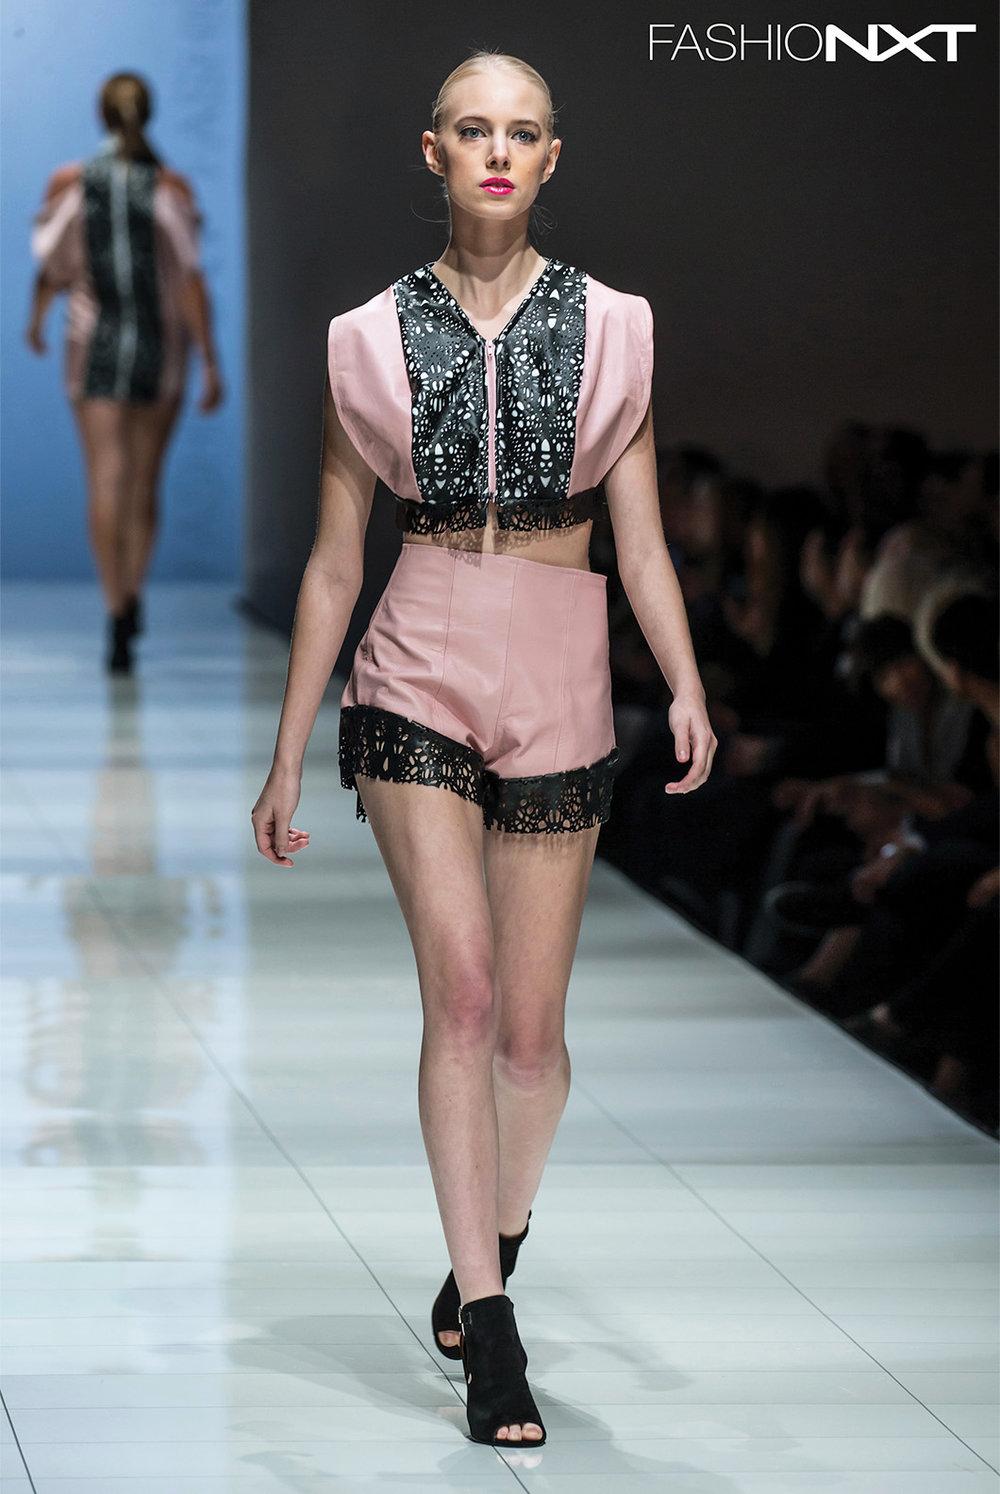 Model: Brianna Barker